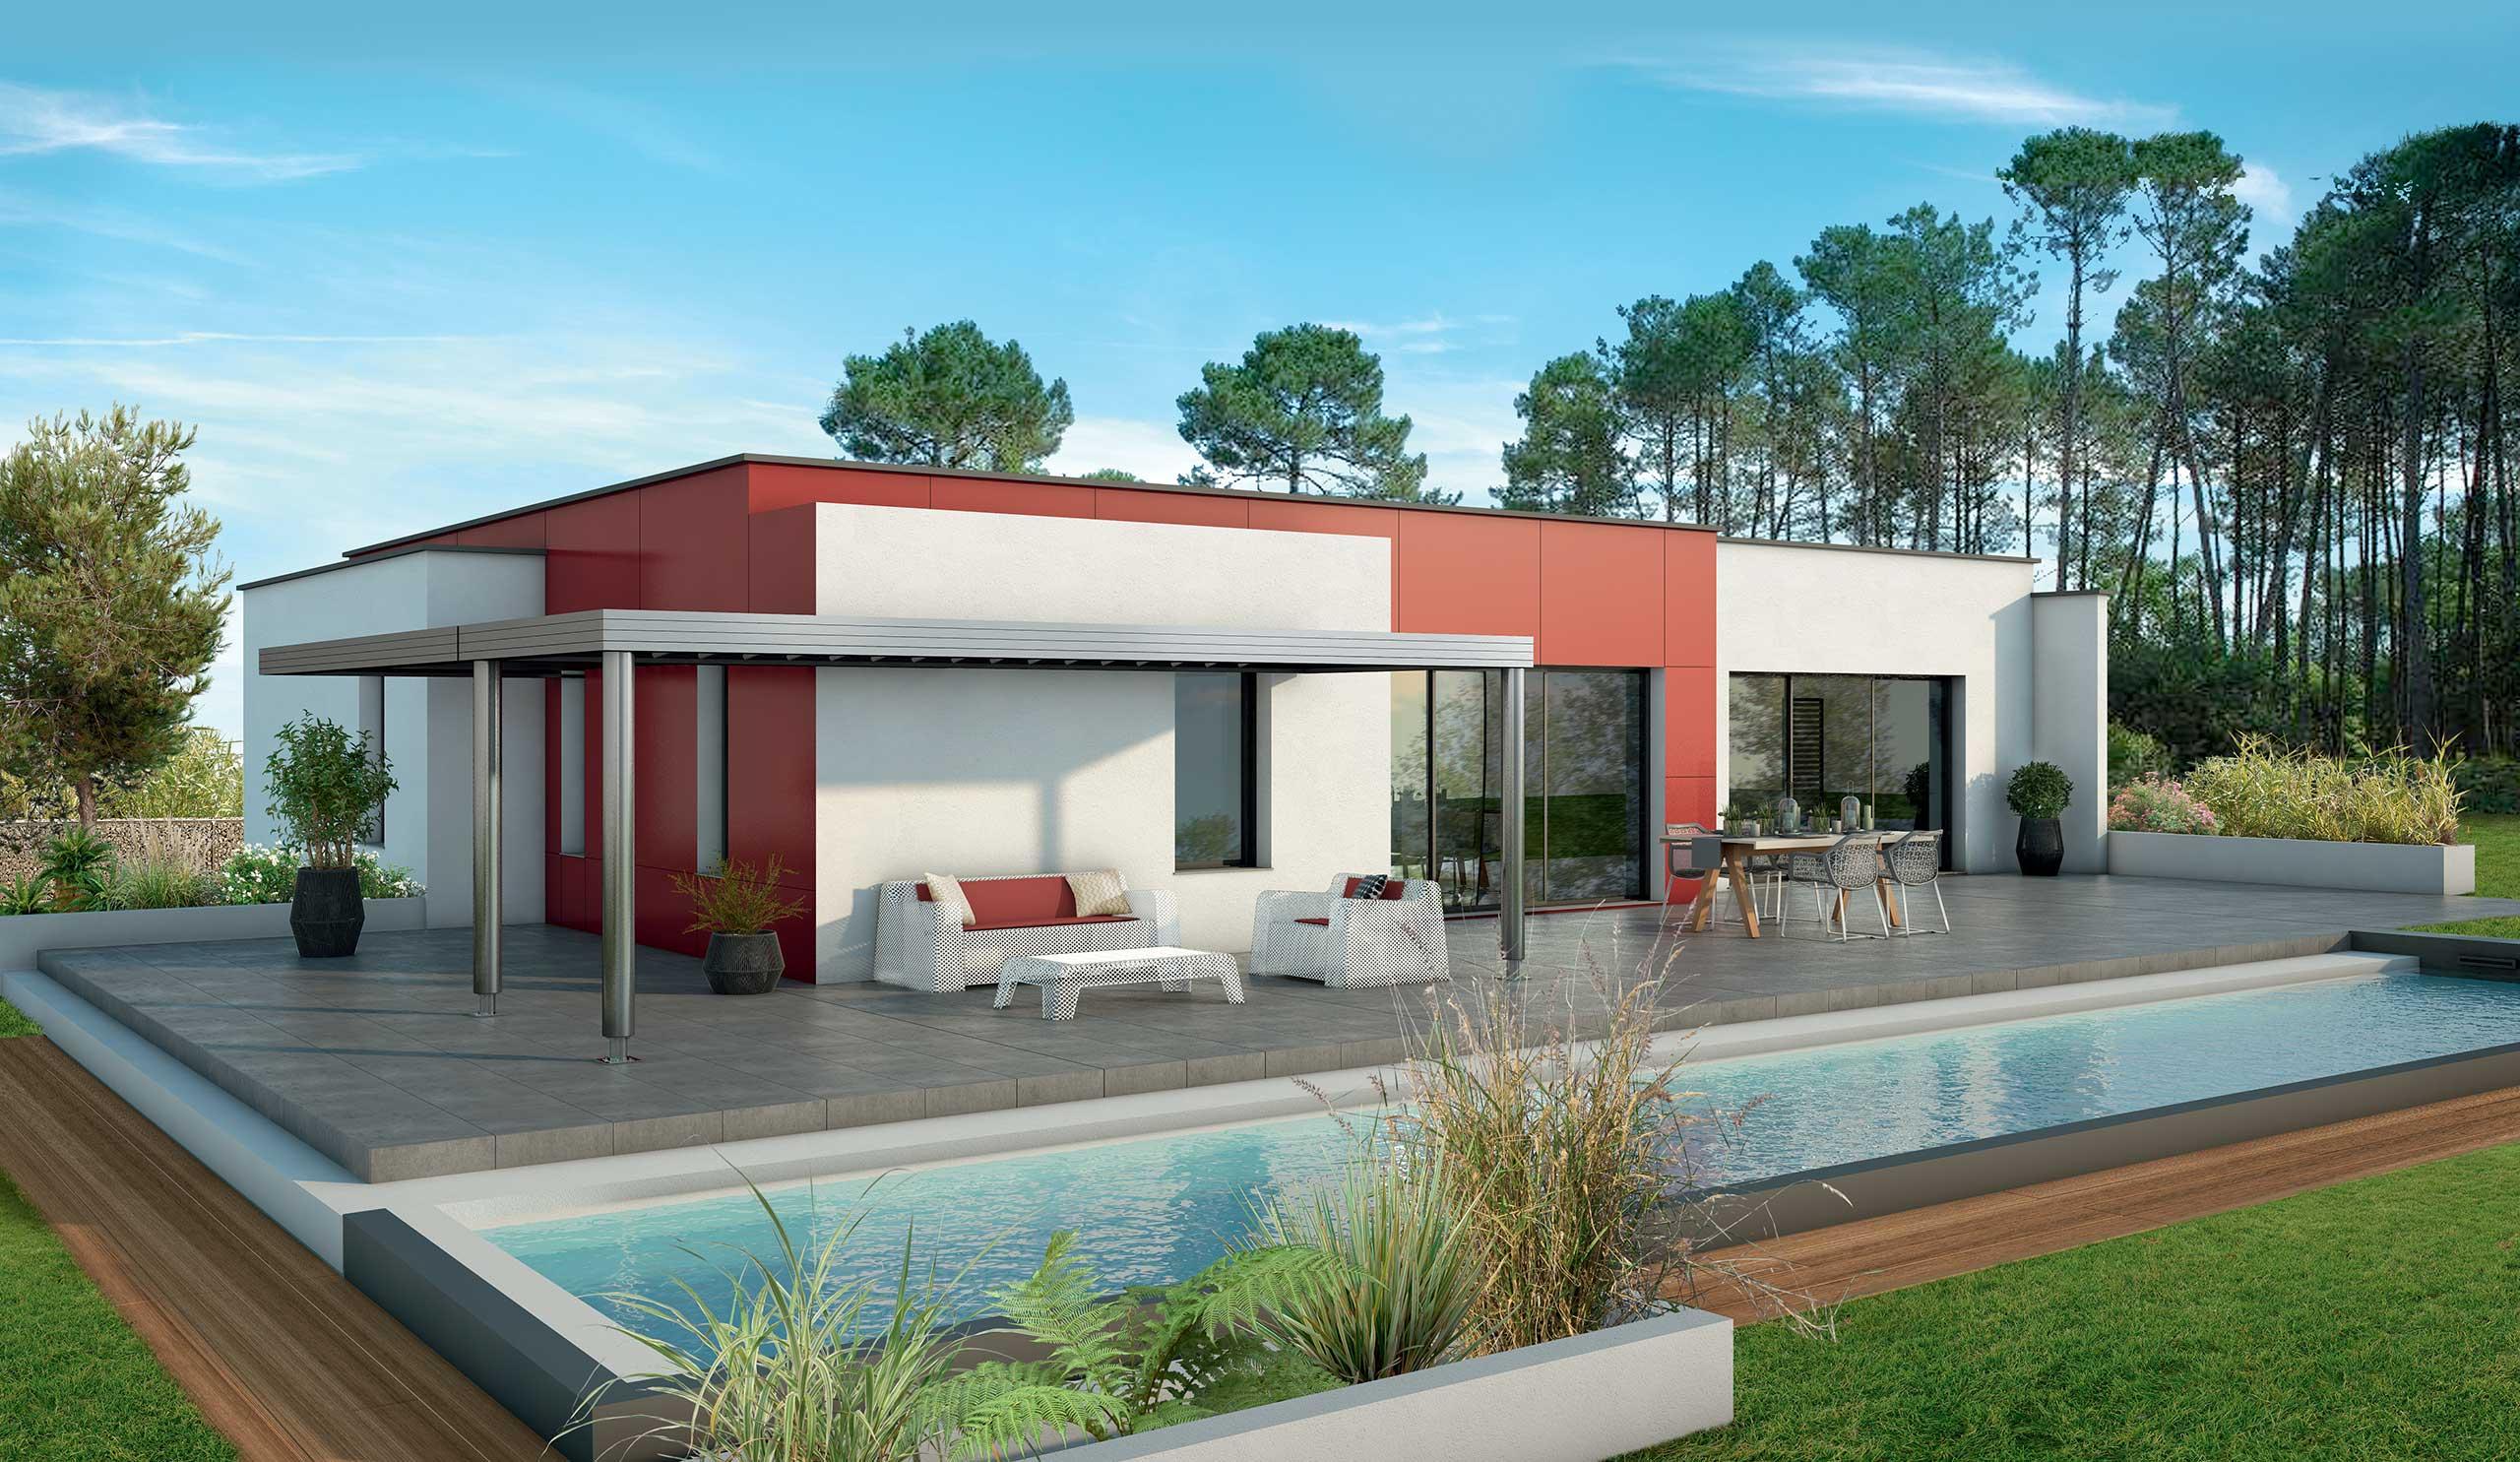 Maison Contemporaine Plain Pied Acajou Avec Plans Demeures D Aquitaine Constructeur Maison Individuelle Nouvelle Aquitaine